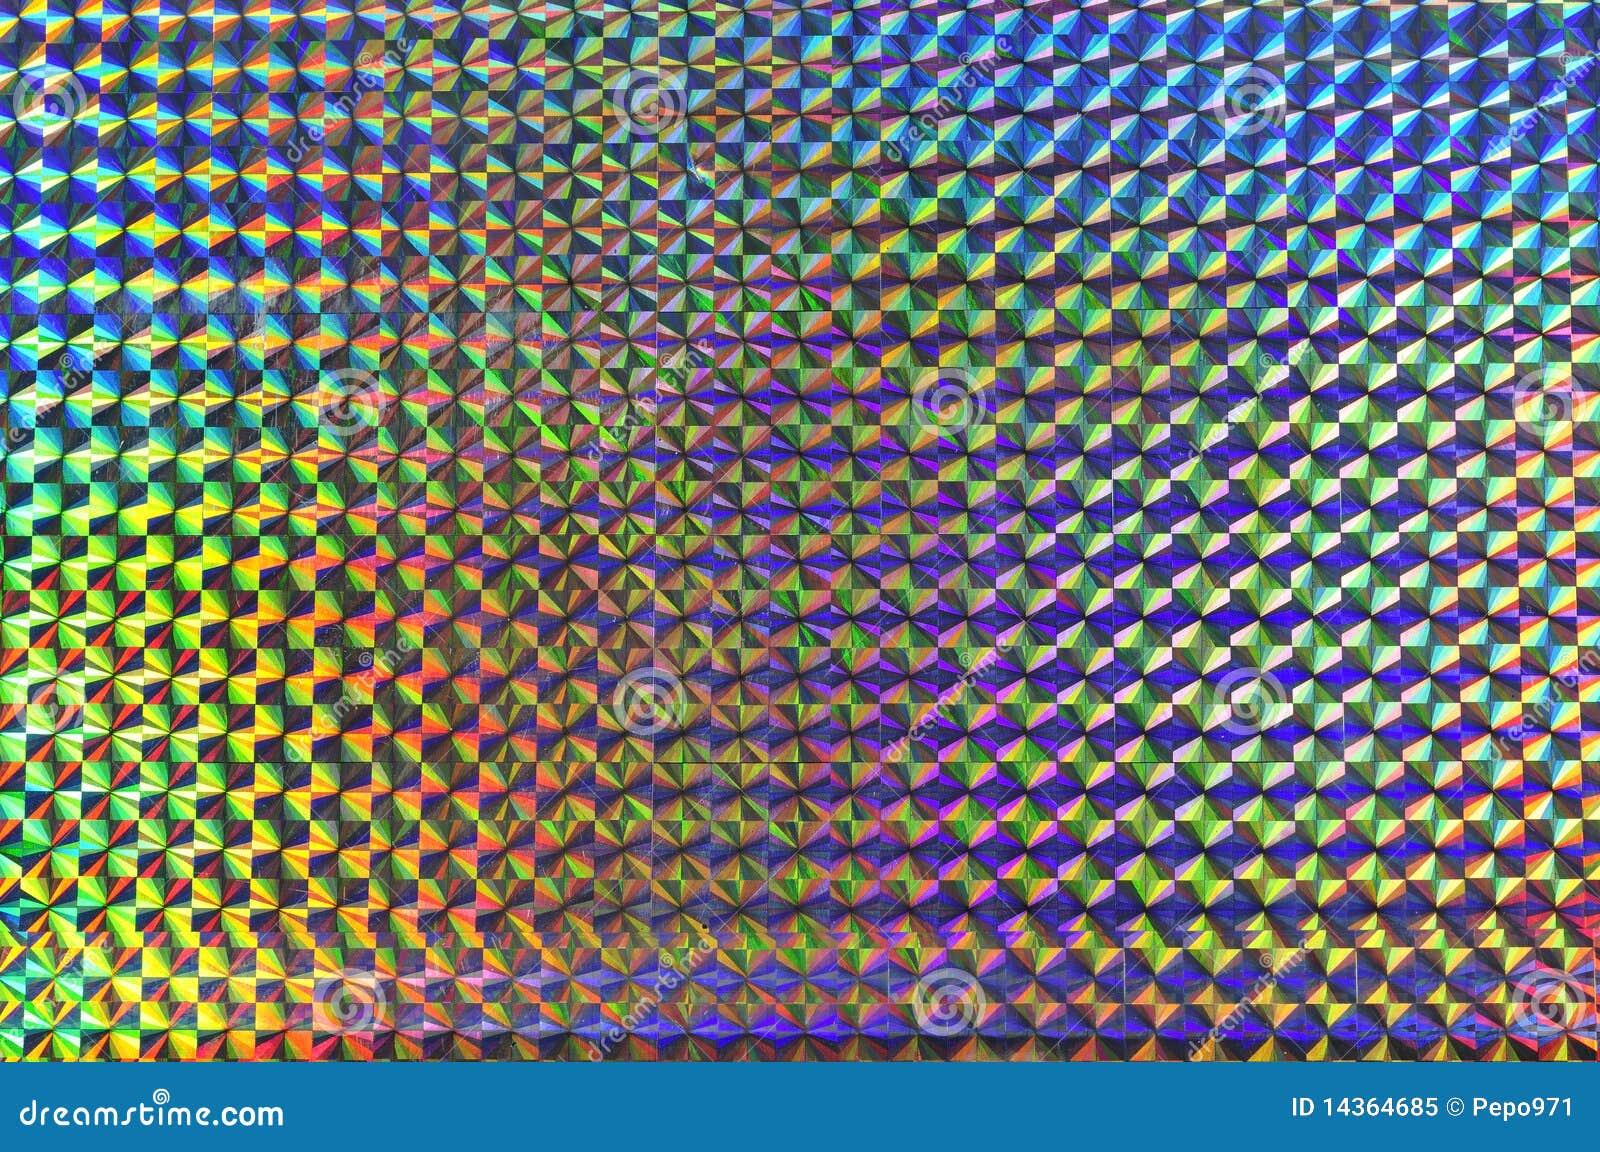 holographic brushed background royalty free stock photo